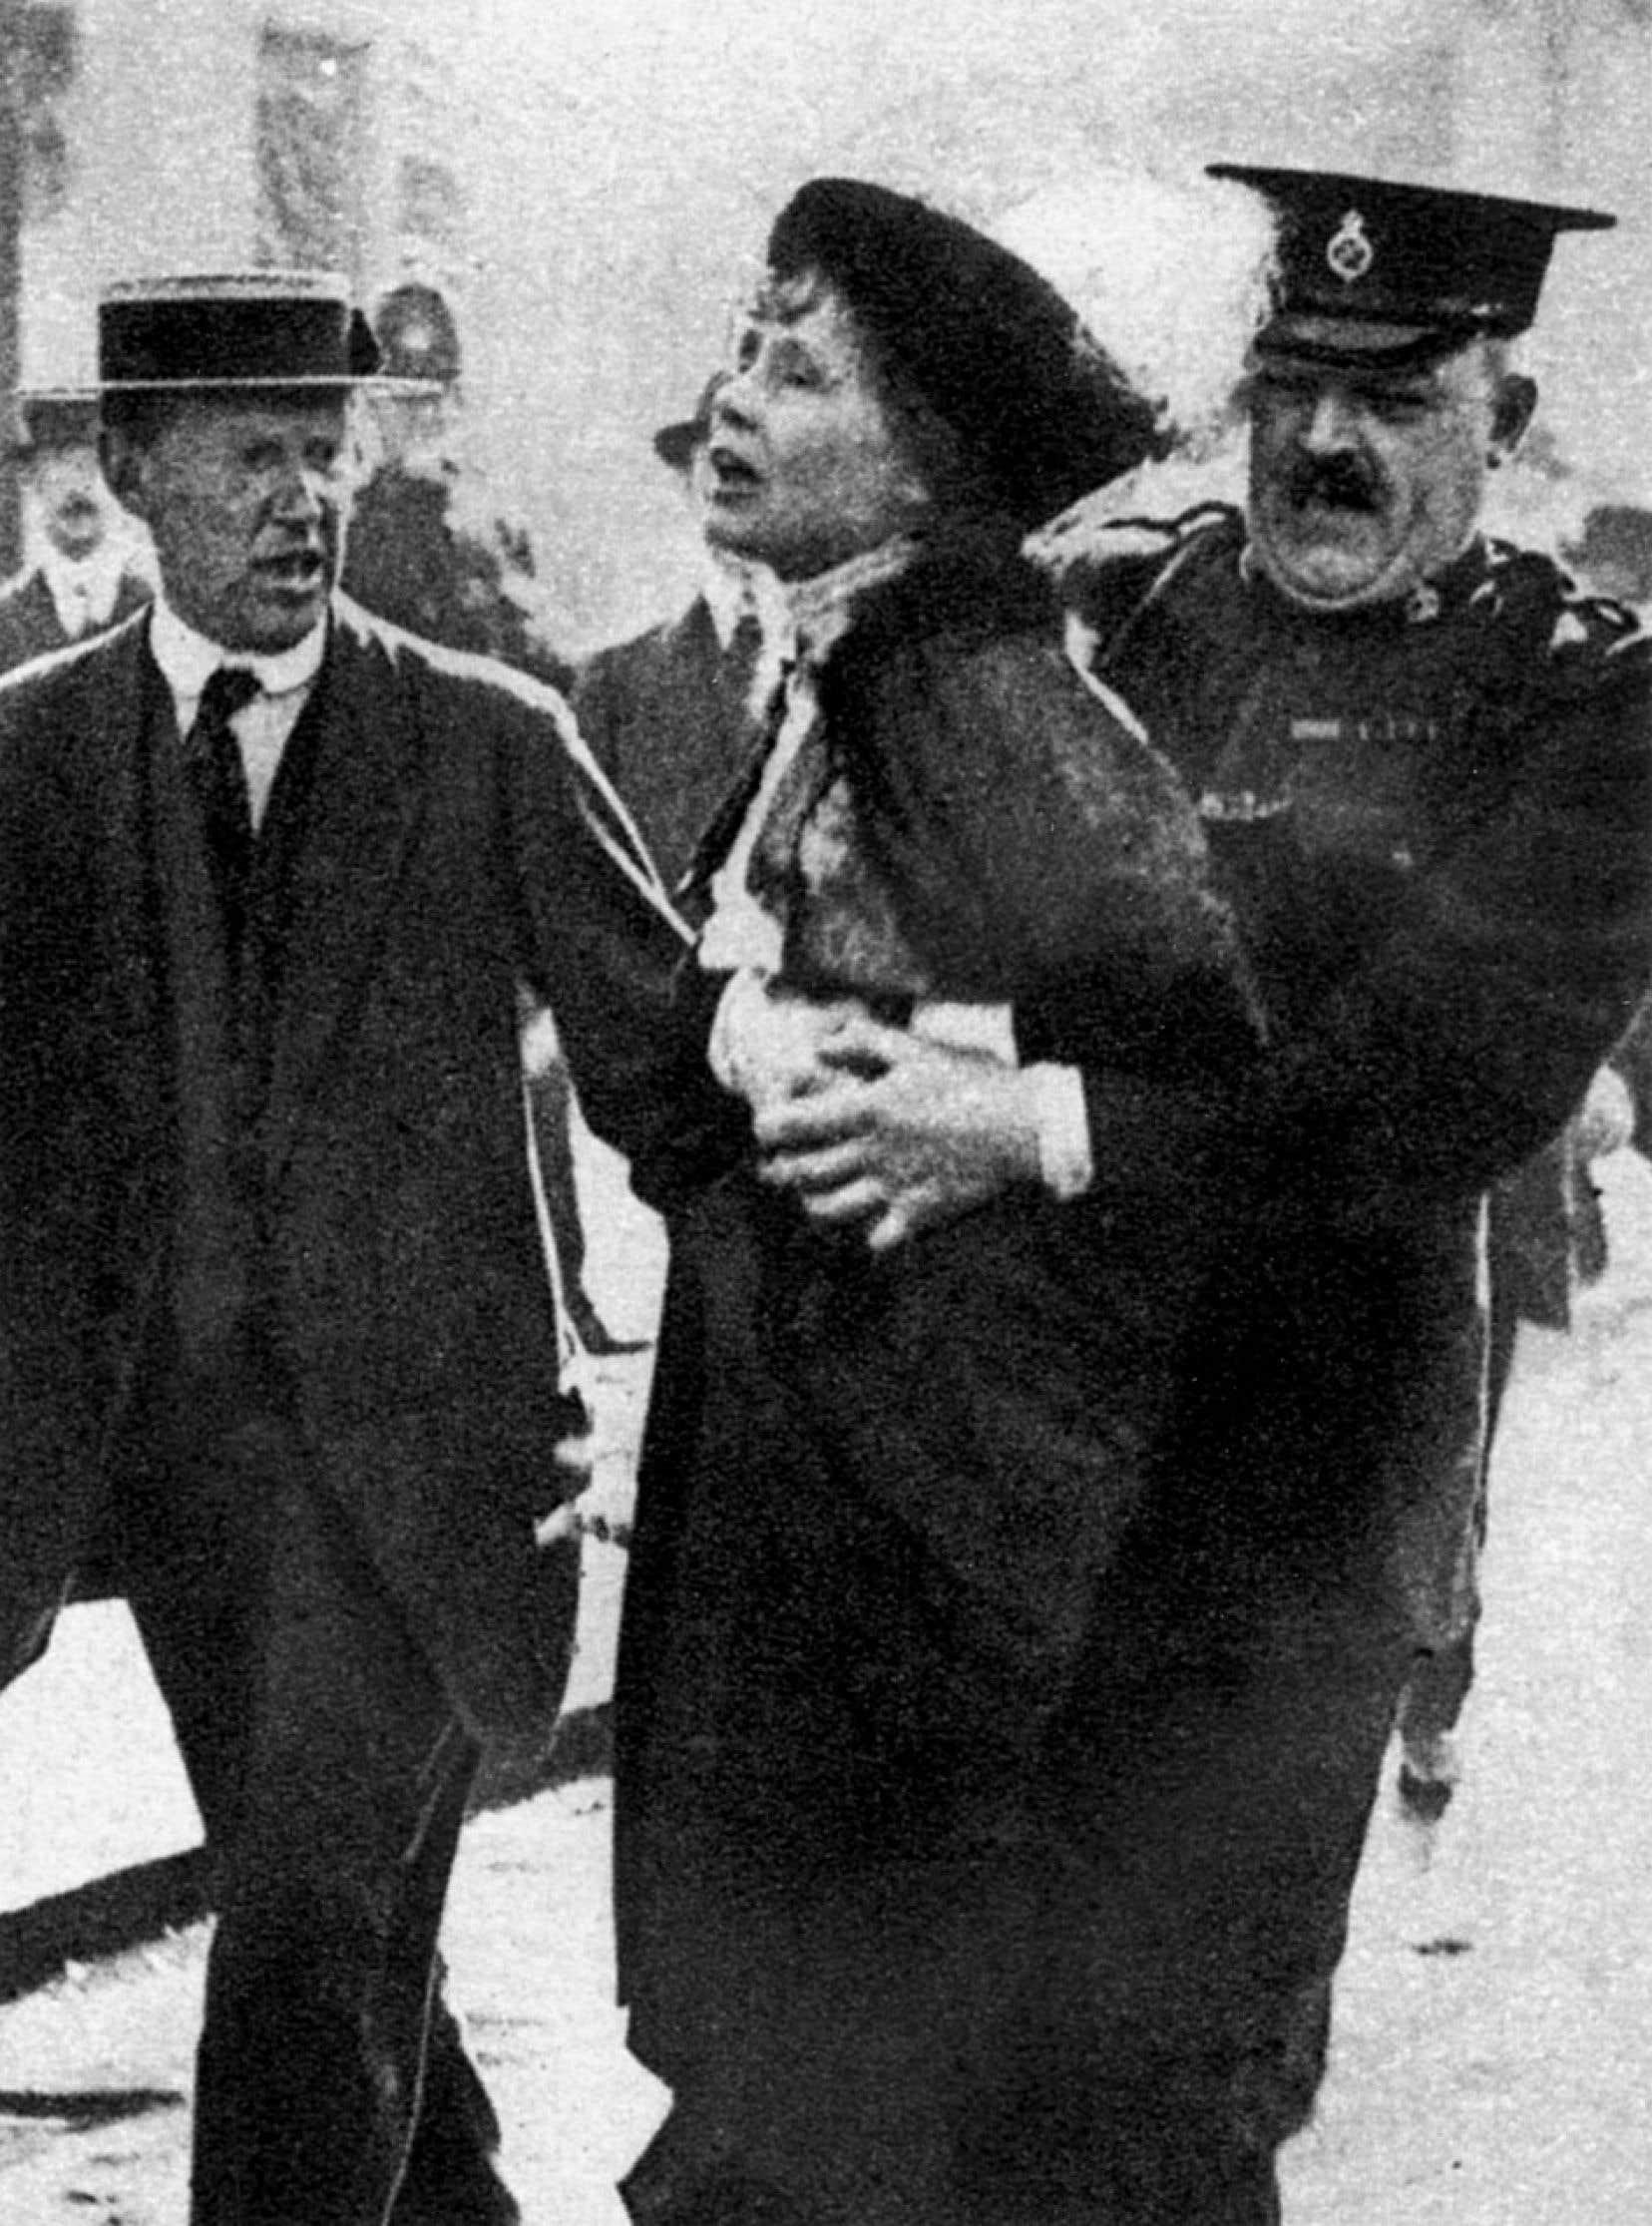 En mai1914, Emmeline Pankhurst est arrêtée devant le palais de Buckingham alors qu'elle tente de présenter une pétition sur le droit de vote des femmes au roi George V.